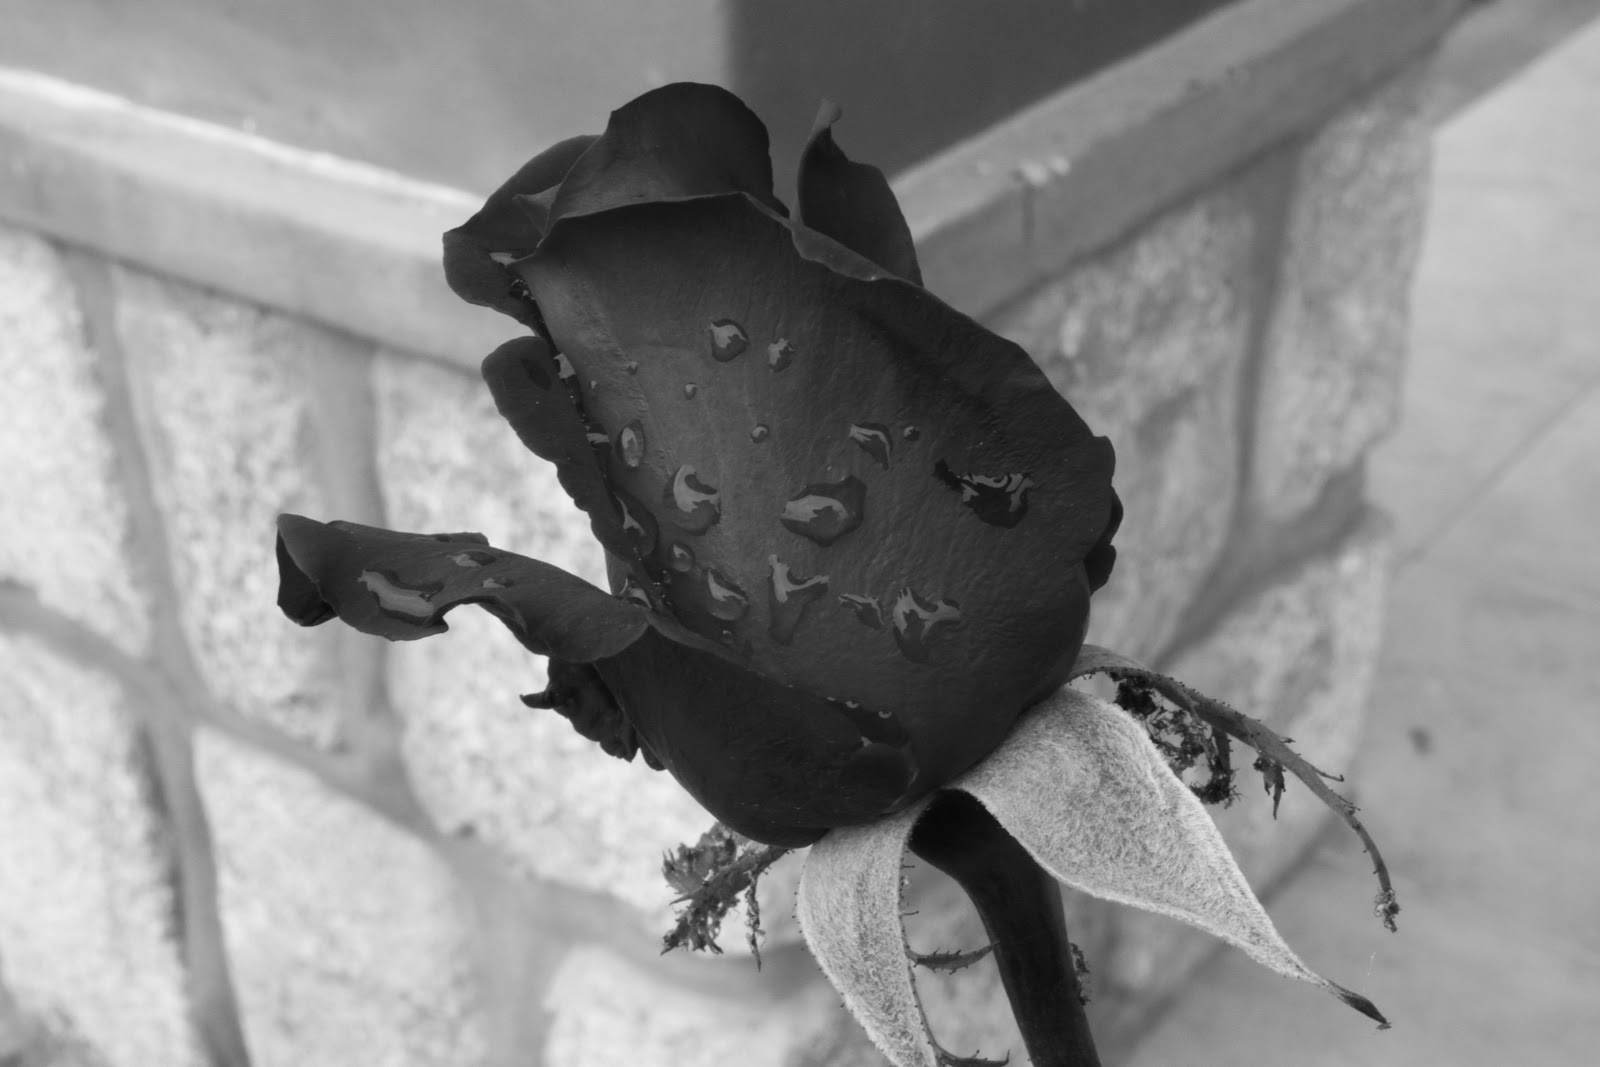 Descargar Imagenes De Rosas Negras - 16 Rosas negras para días de duelo o luto Noti Imágenes